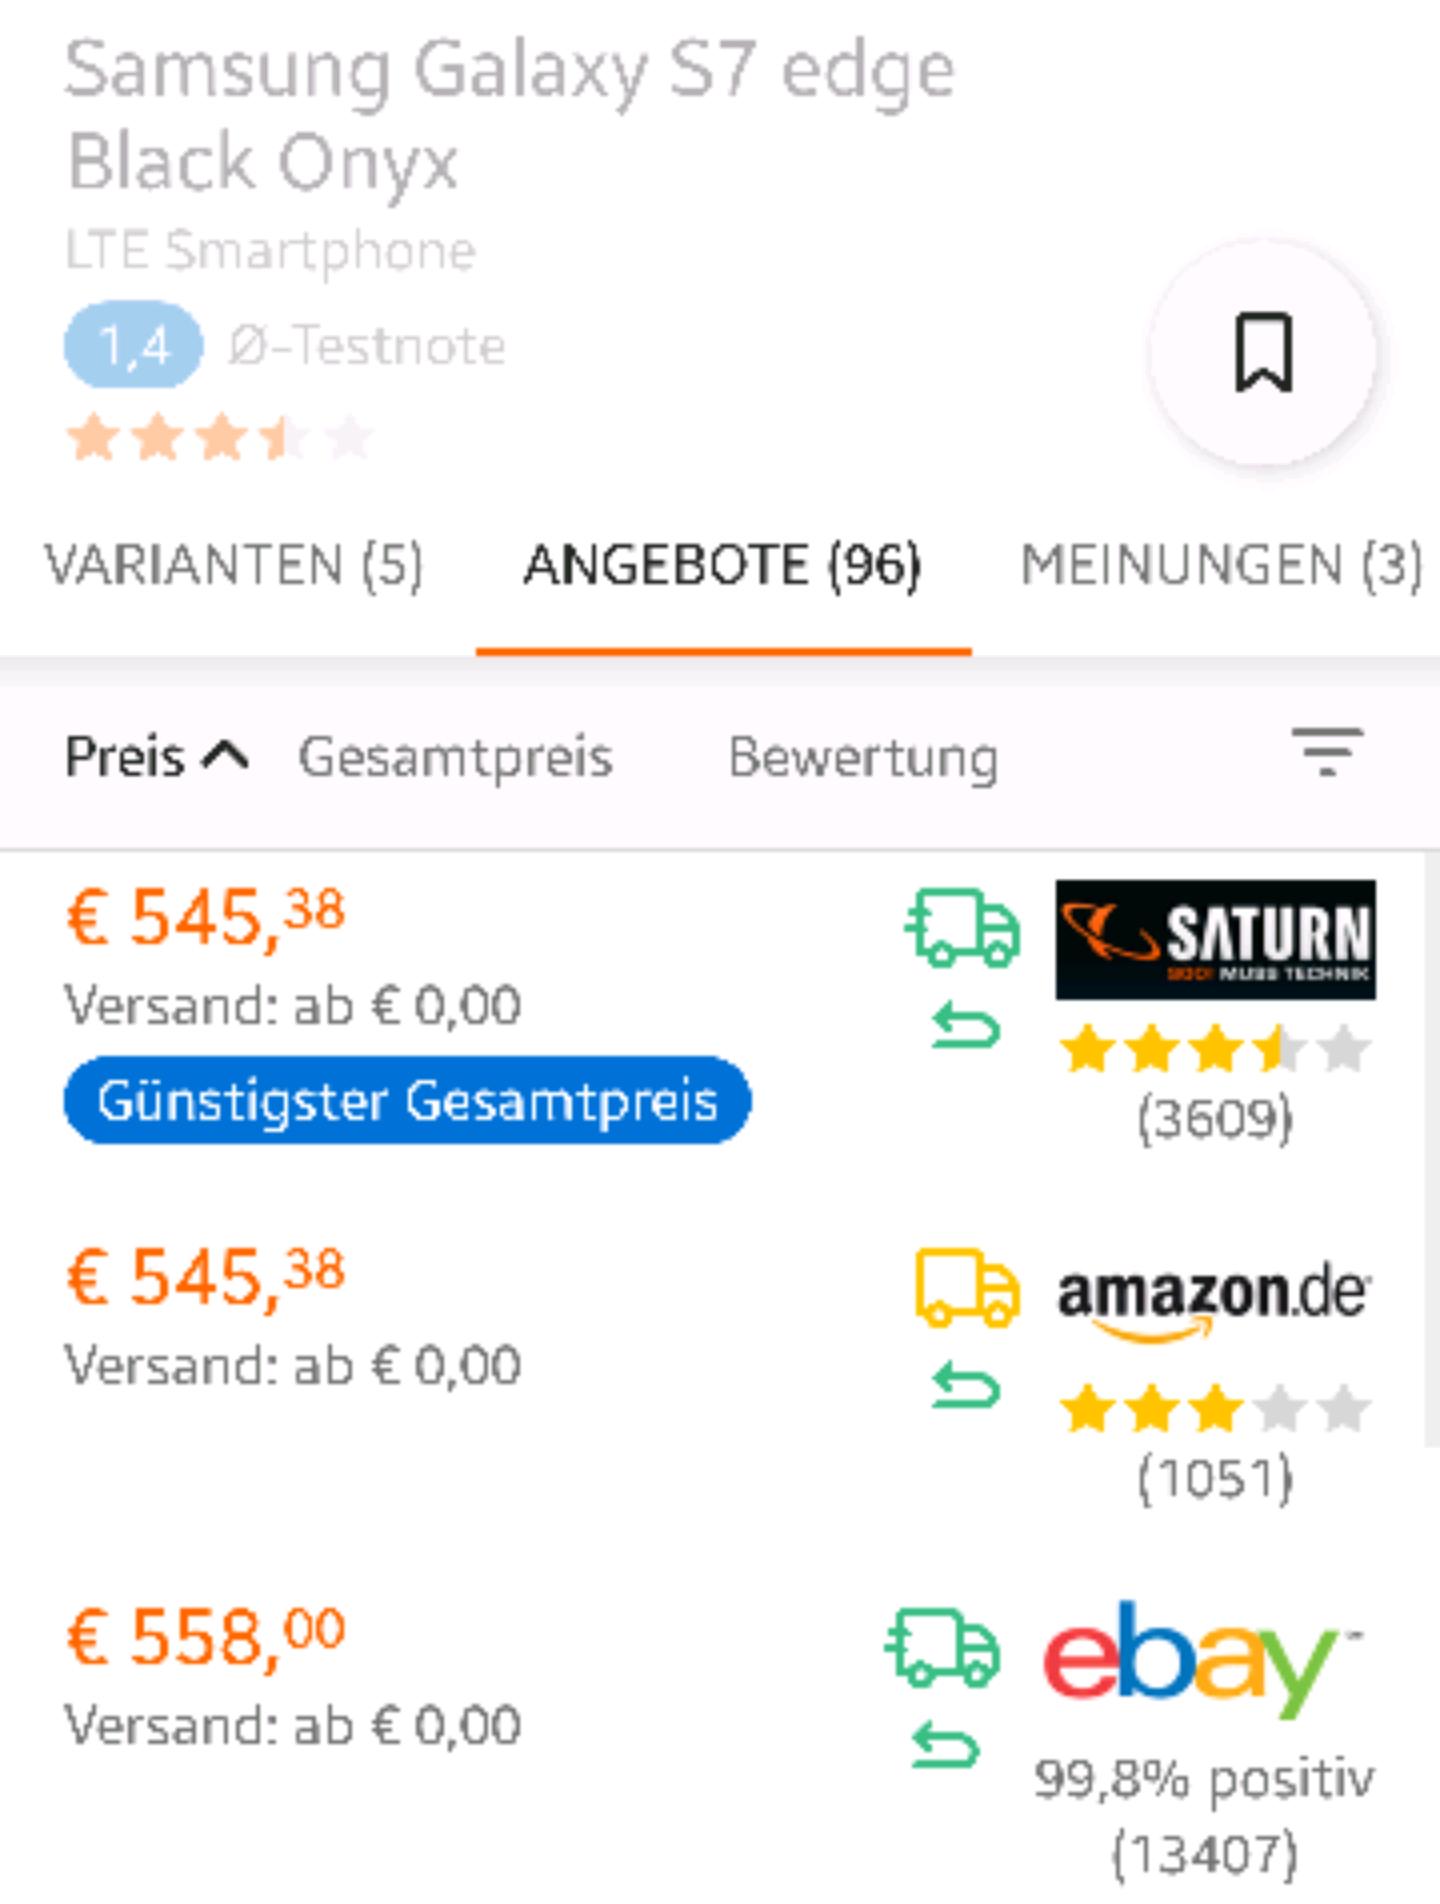 Amazon Elektronik mit gleichem Preis wie bei Saturn(MwSt-Aktion) aktuell